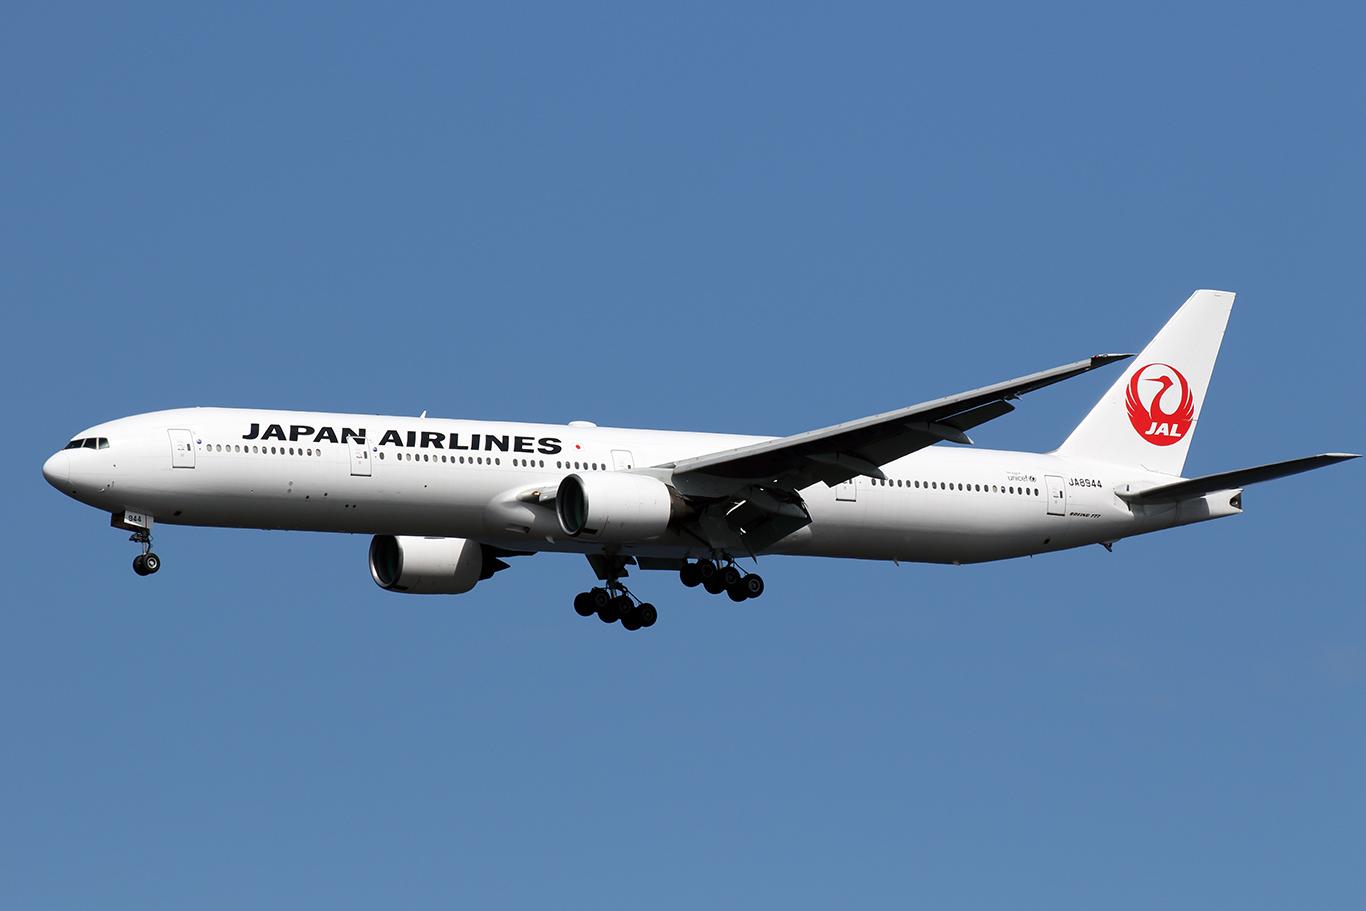 JL/JAL/日本航空 JL906 B777-300 JA8944